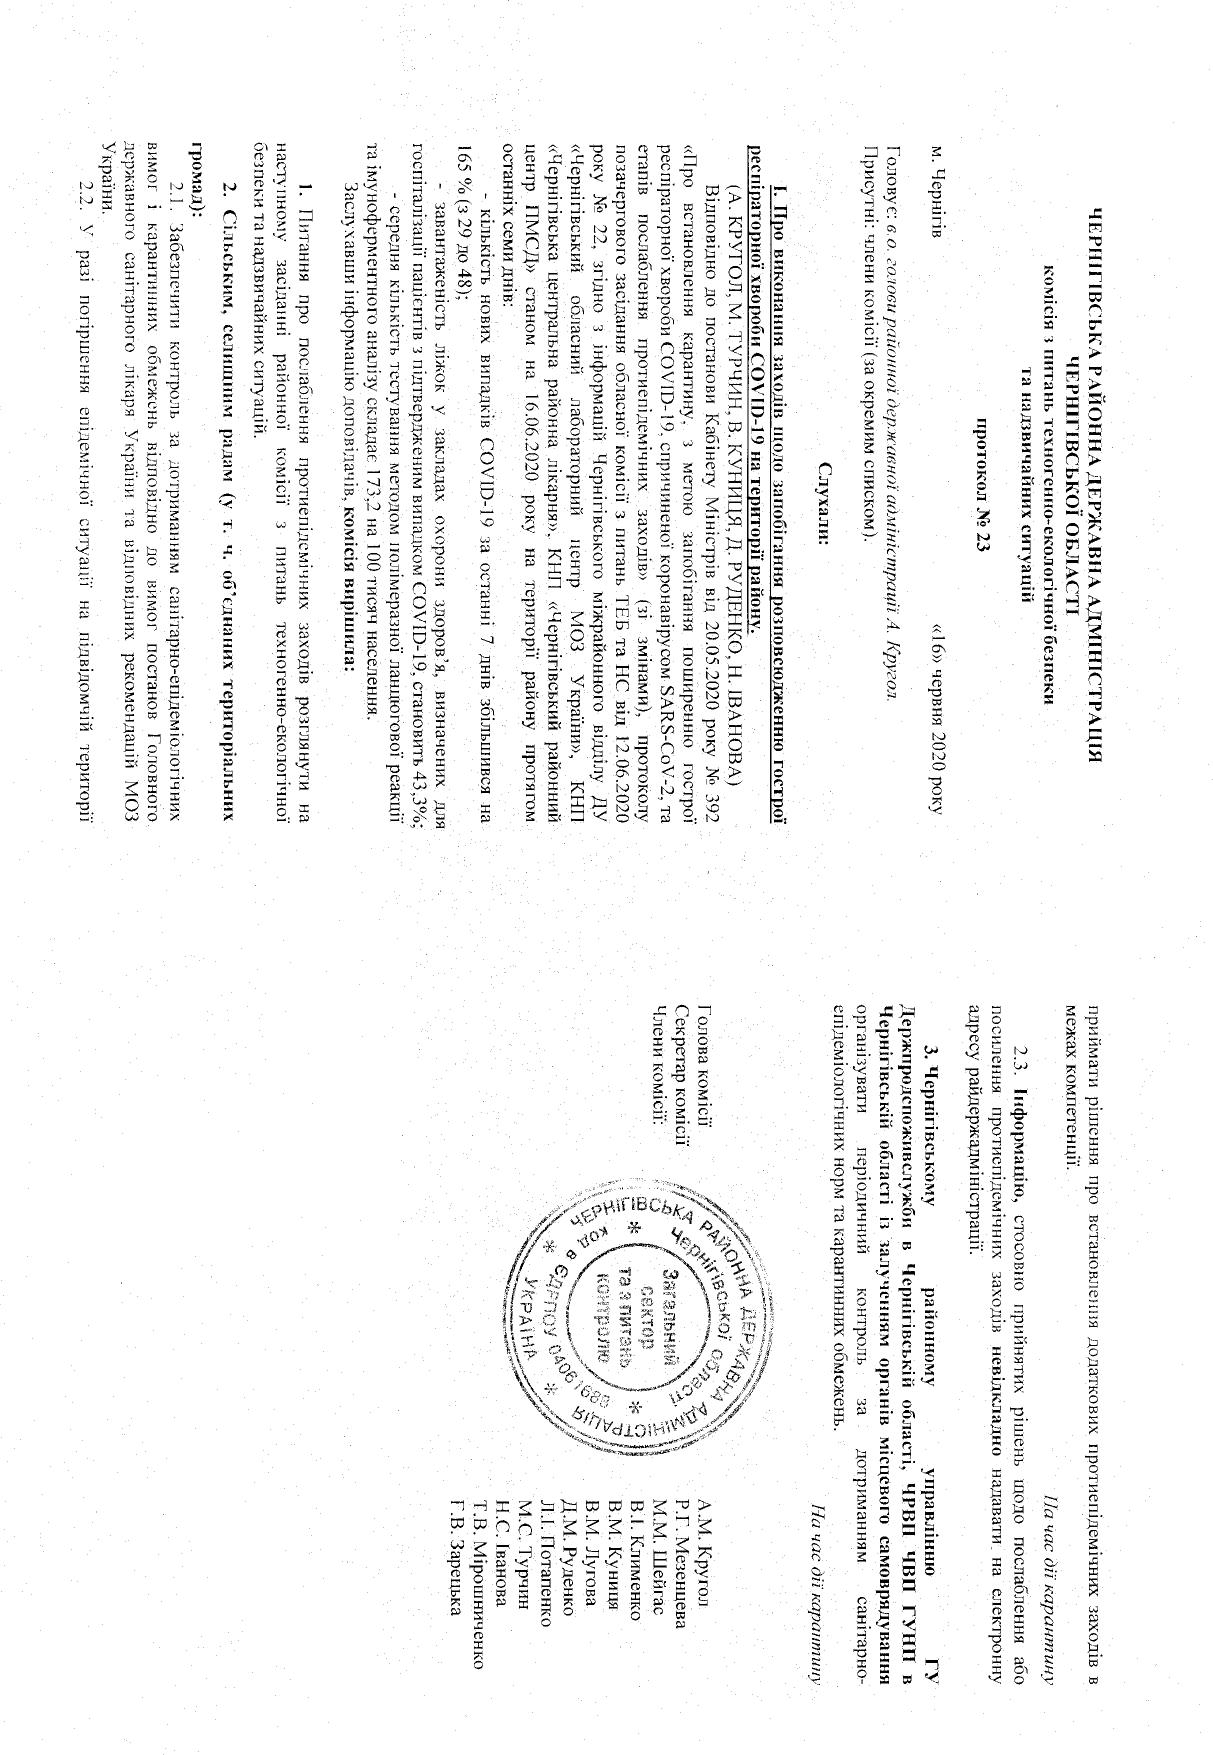 Протокол засідання районної комісії з питань ТЕБ та НС від 16.06.2020 року № 23